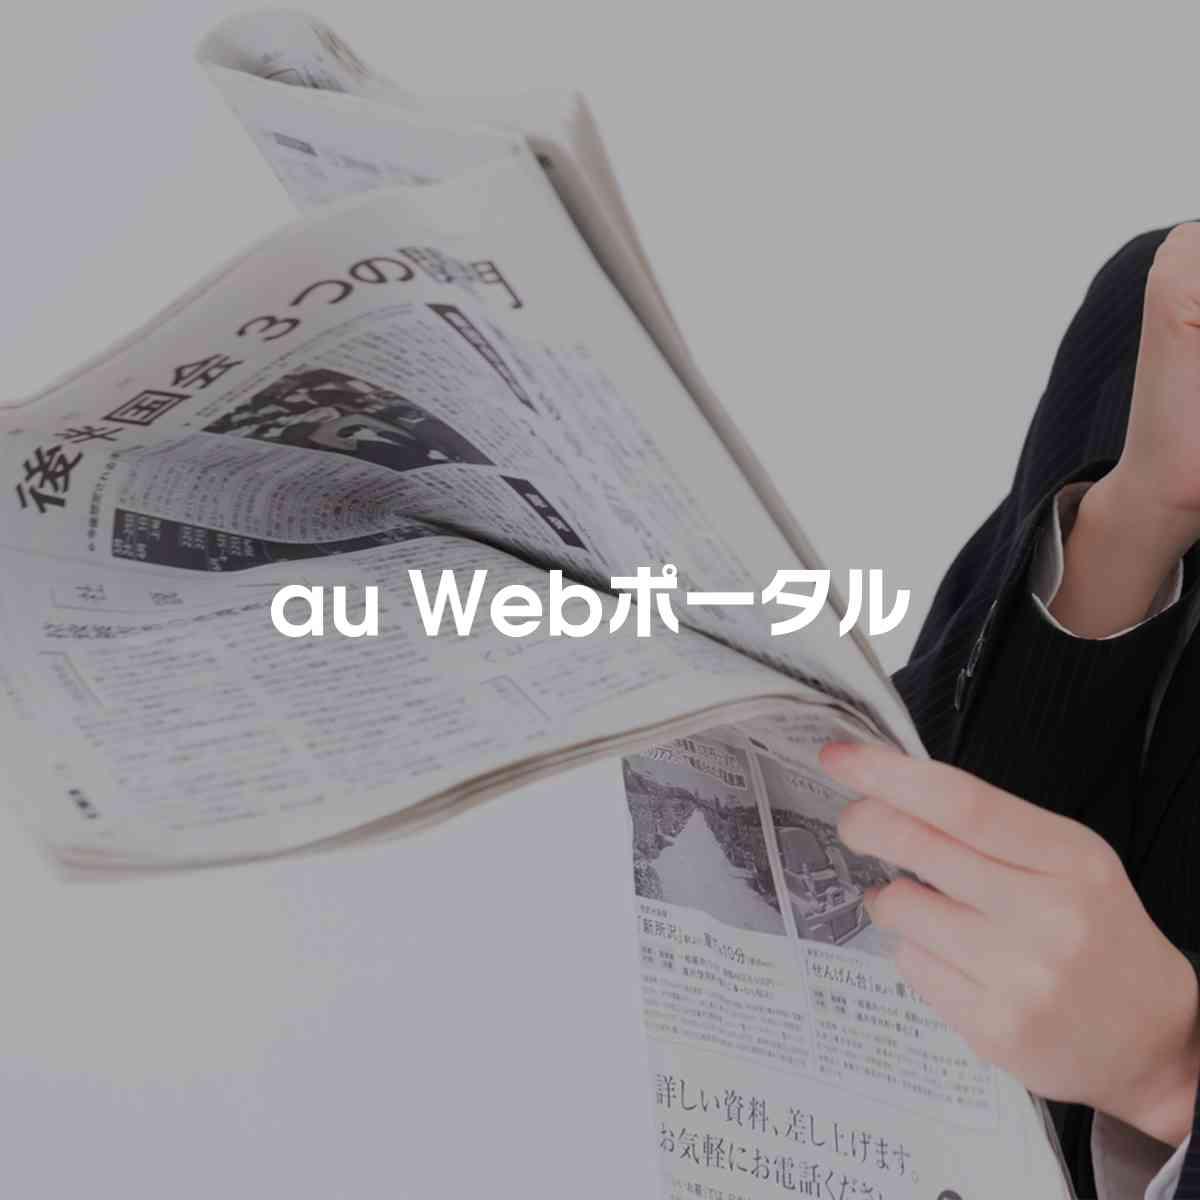 亀梨和也 キス顔も披露「アイドルを実感」と照れる|au Webポータル芸能ニュース